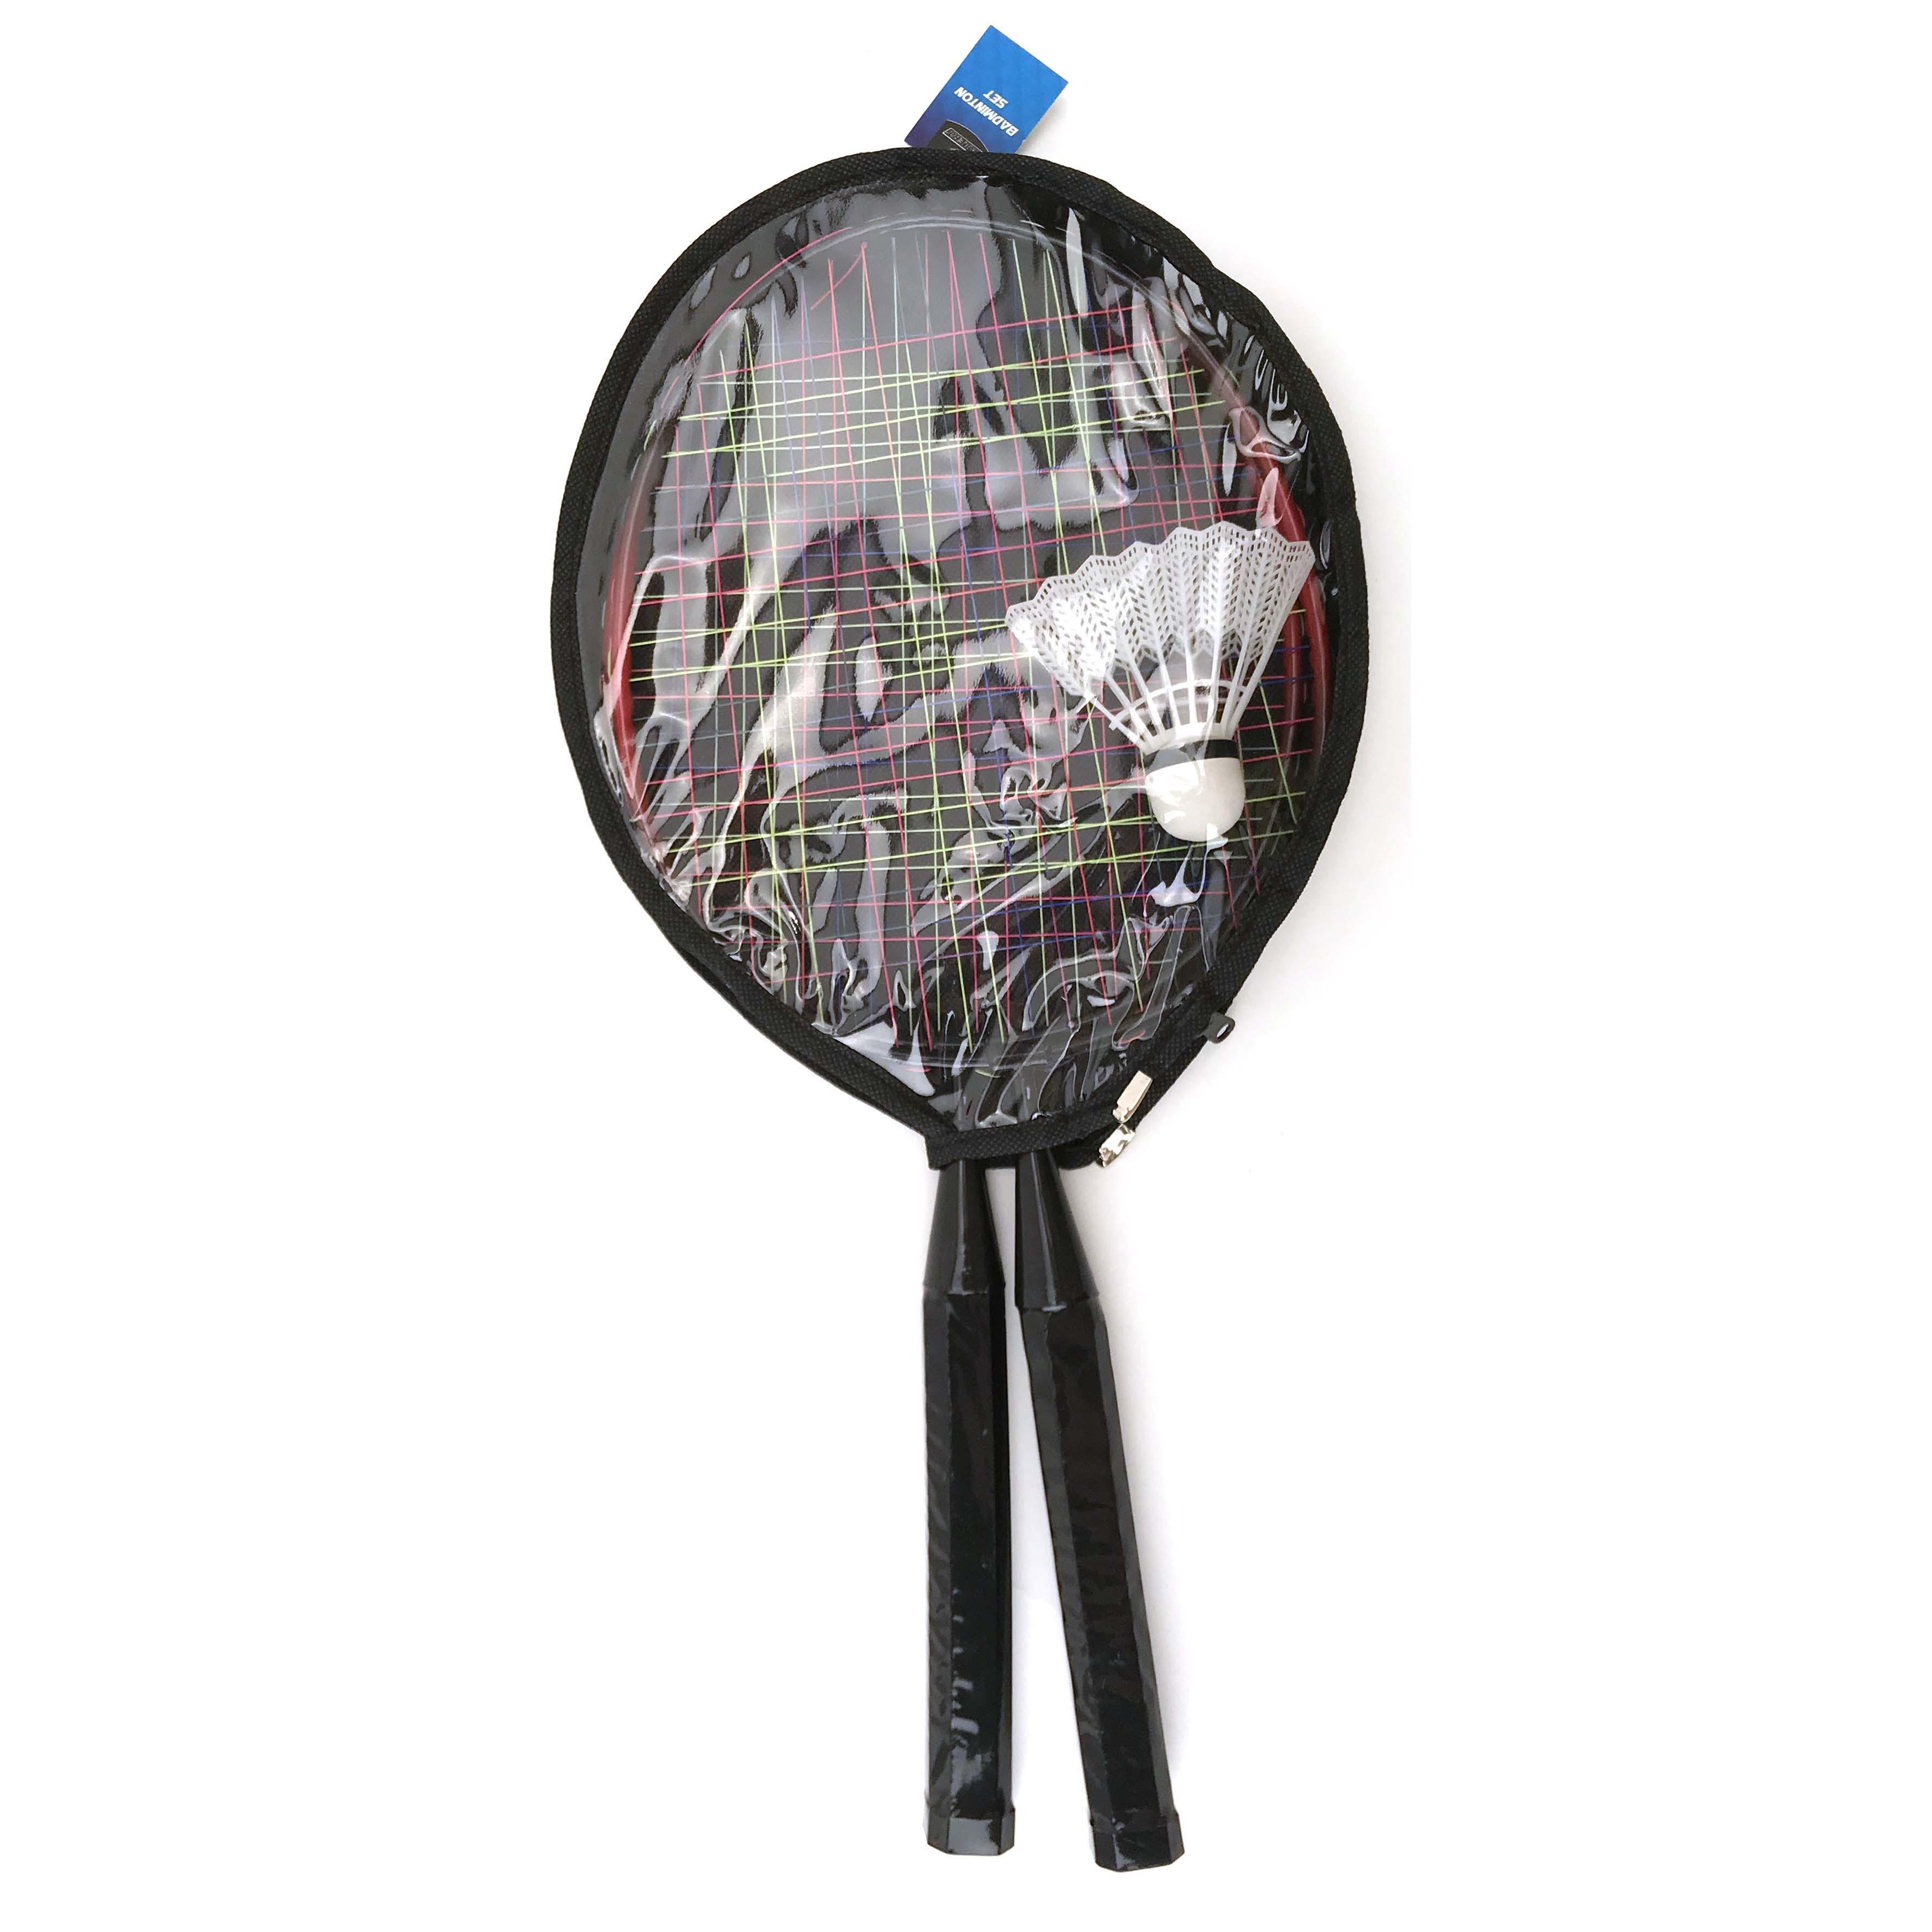 Afbeelding van Badmintonset Mini Alert